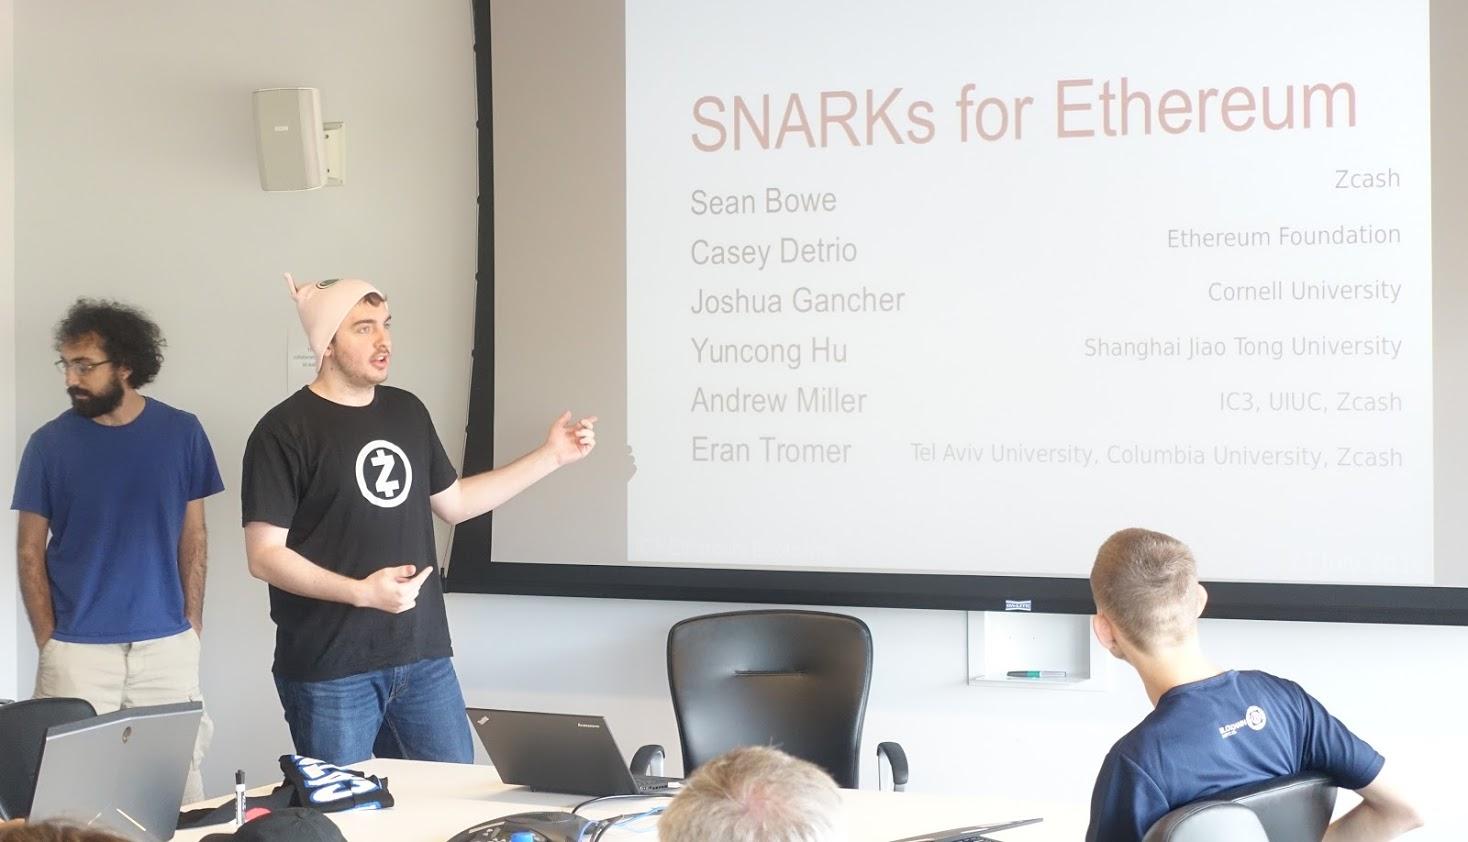 Công nghệ Zk-Snarks sẽ giúp Ethereum mở rộng lên 500 giao dịch/giây